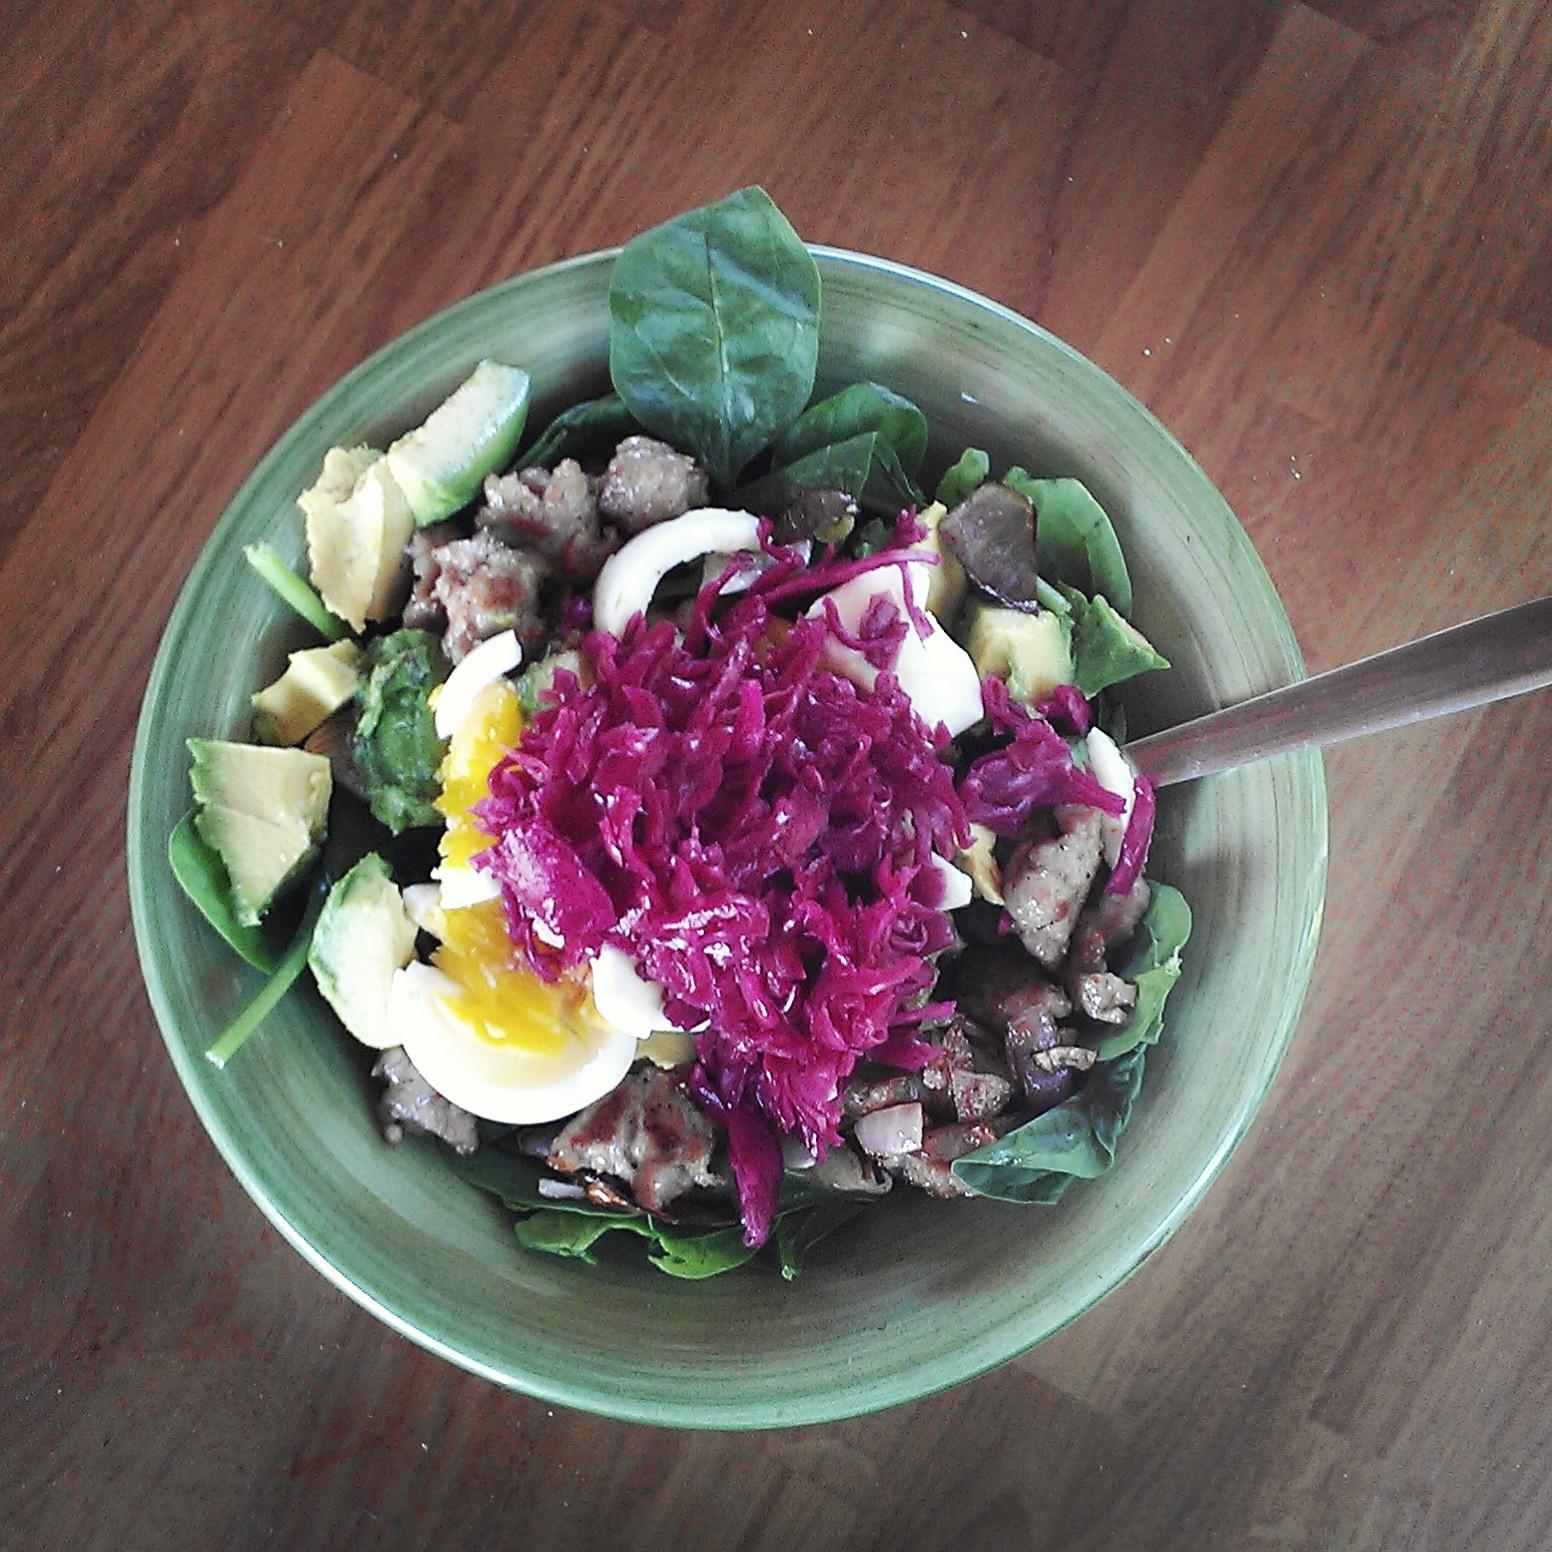 Salad with Sauerkraut